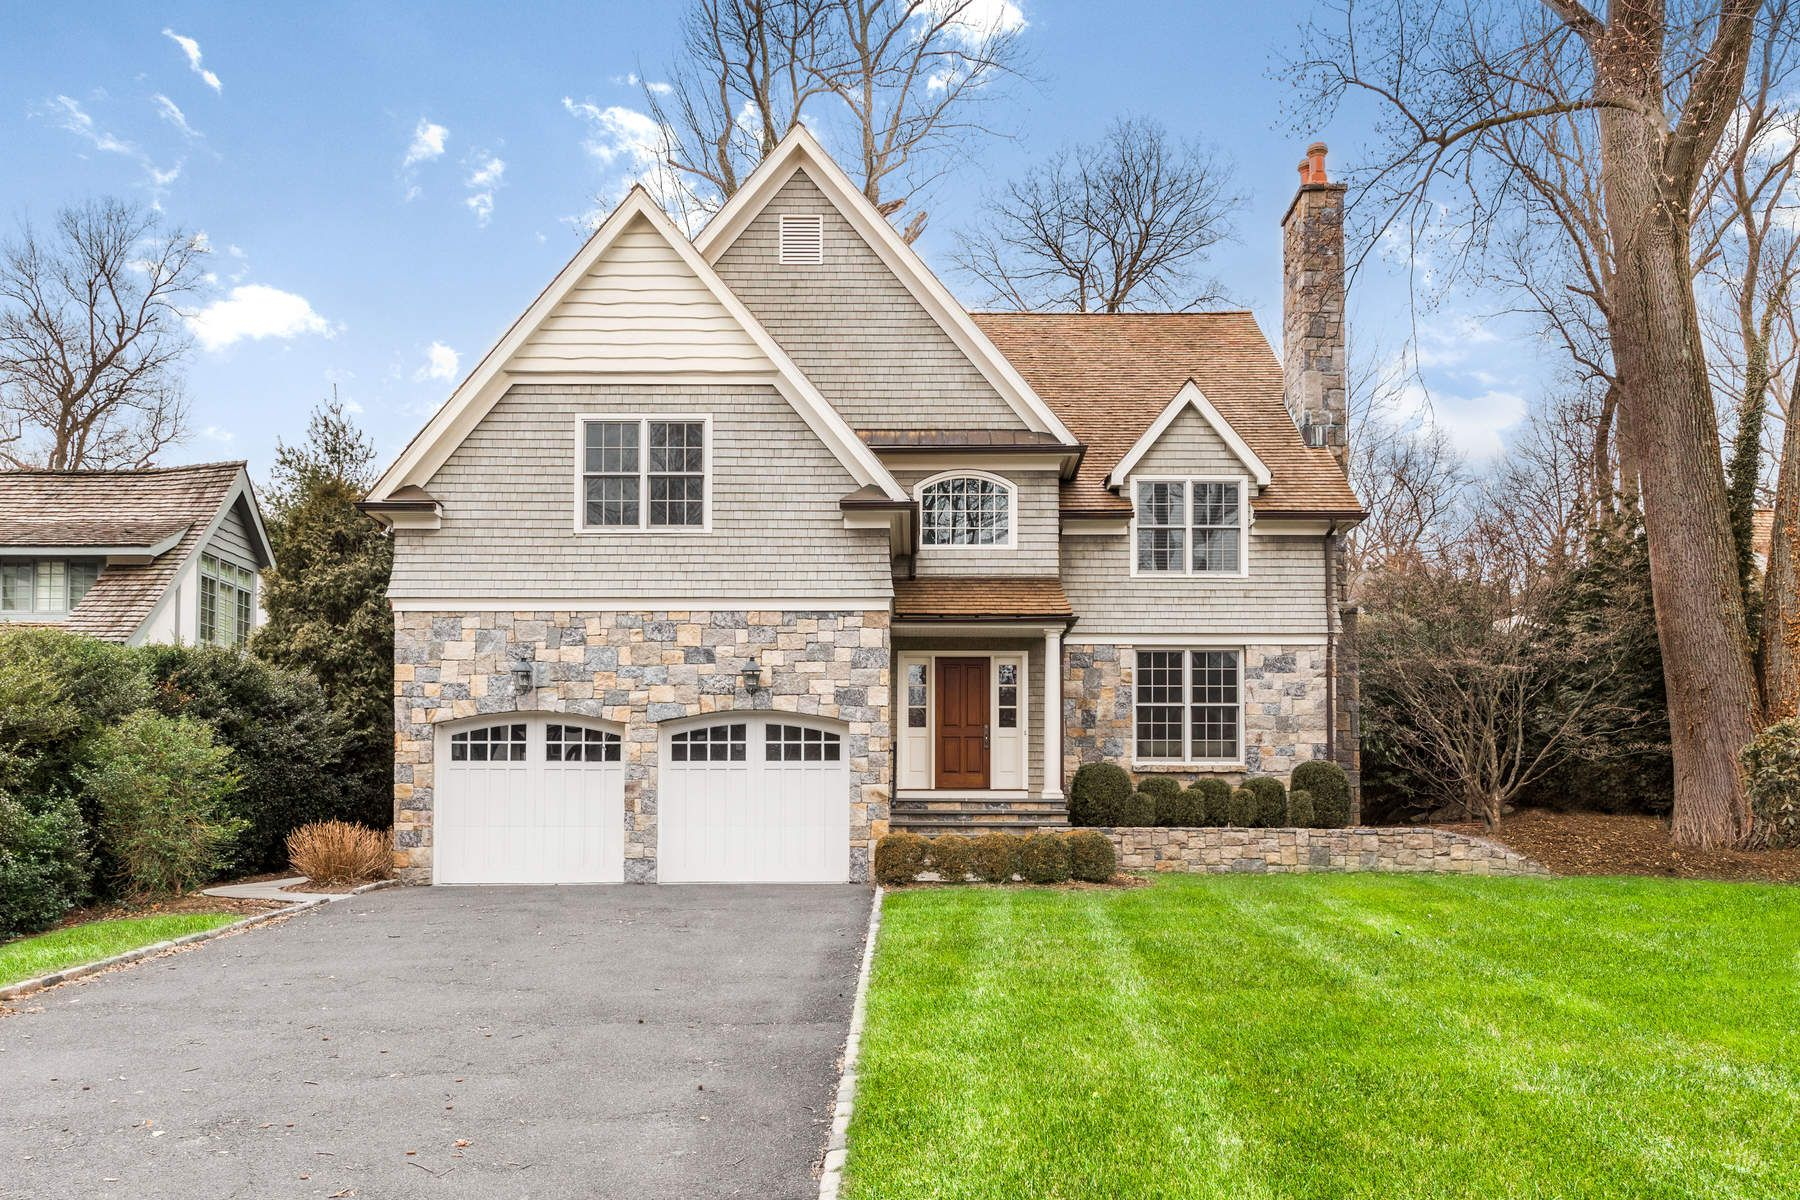 Maison unifamiliale pour l Vente à 44 Orchard Drive Greenwich, Connecticut, 06830 États-Unis